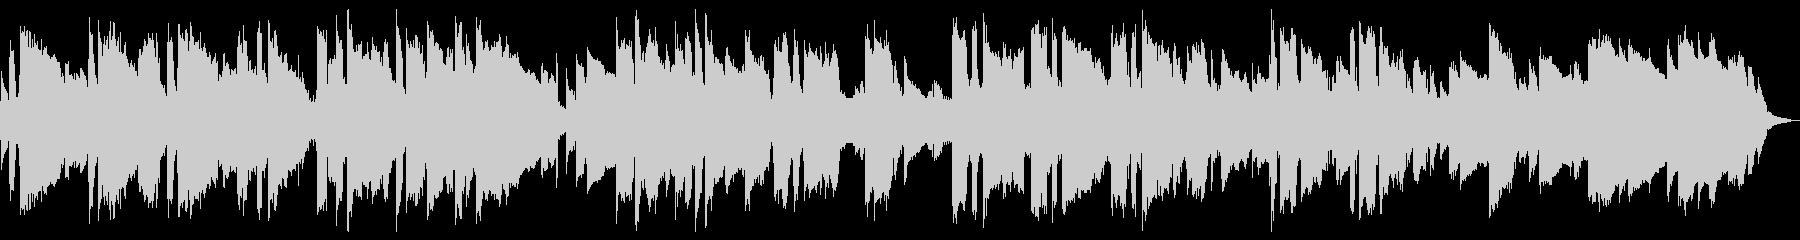 ソウルフルで表現力豊かなブルースは...の未再生の波形